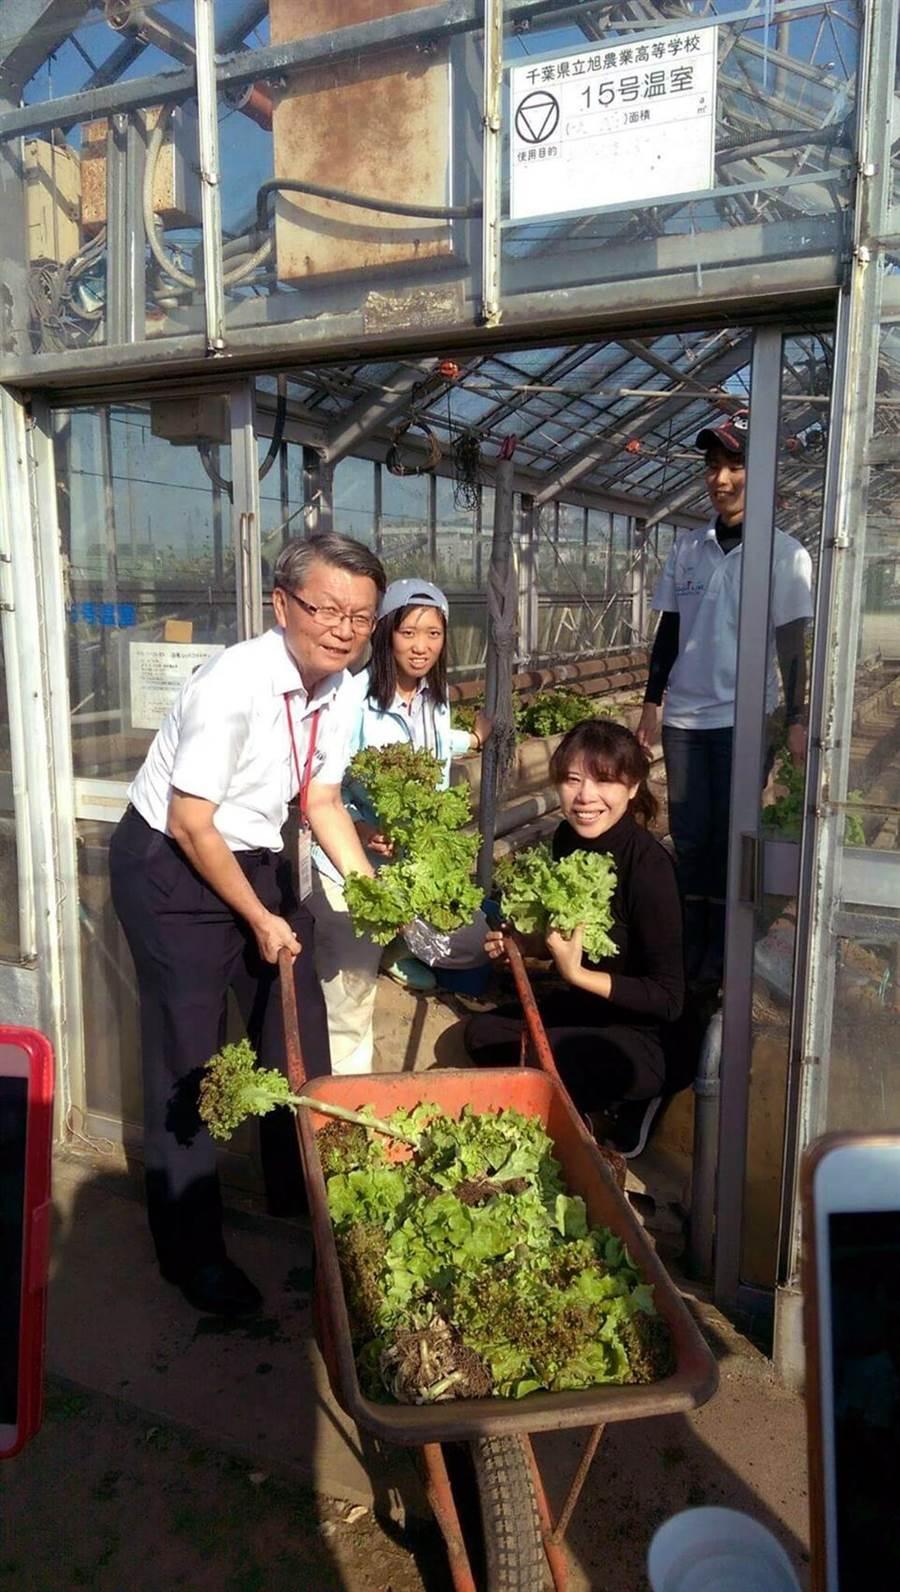 教育局副局長王進焱體驗日校的在地食材運作。(教育局提供)